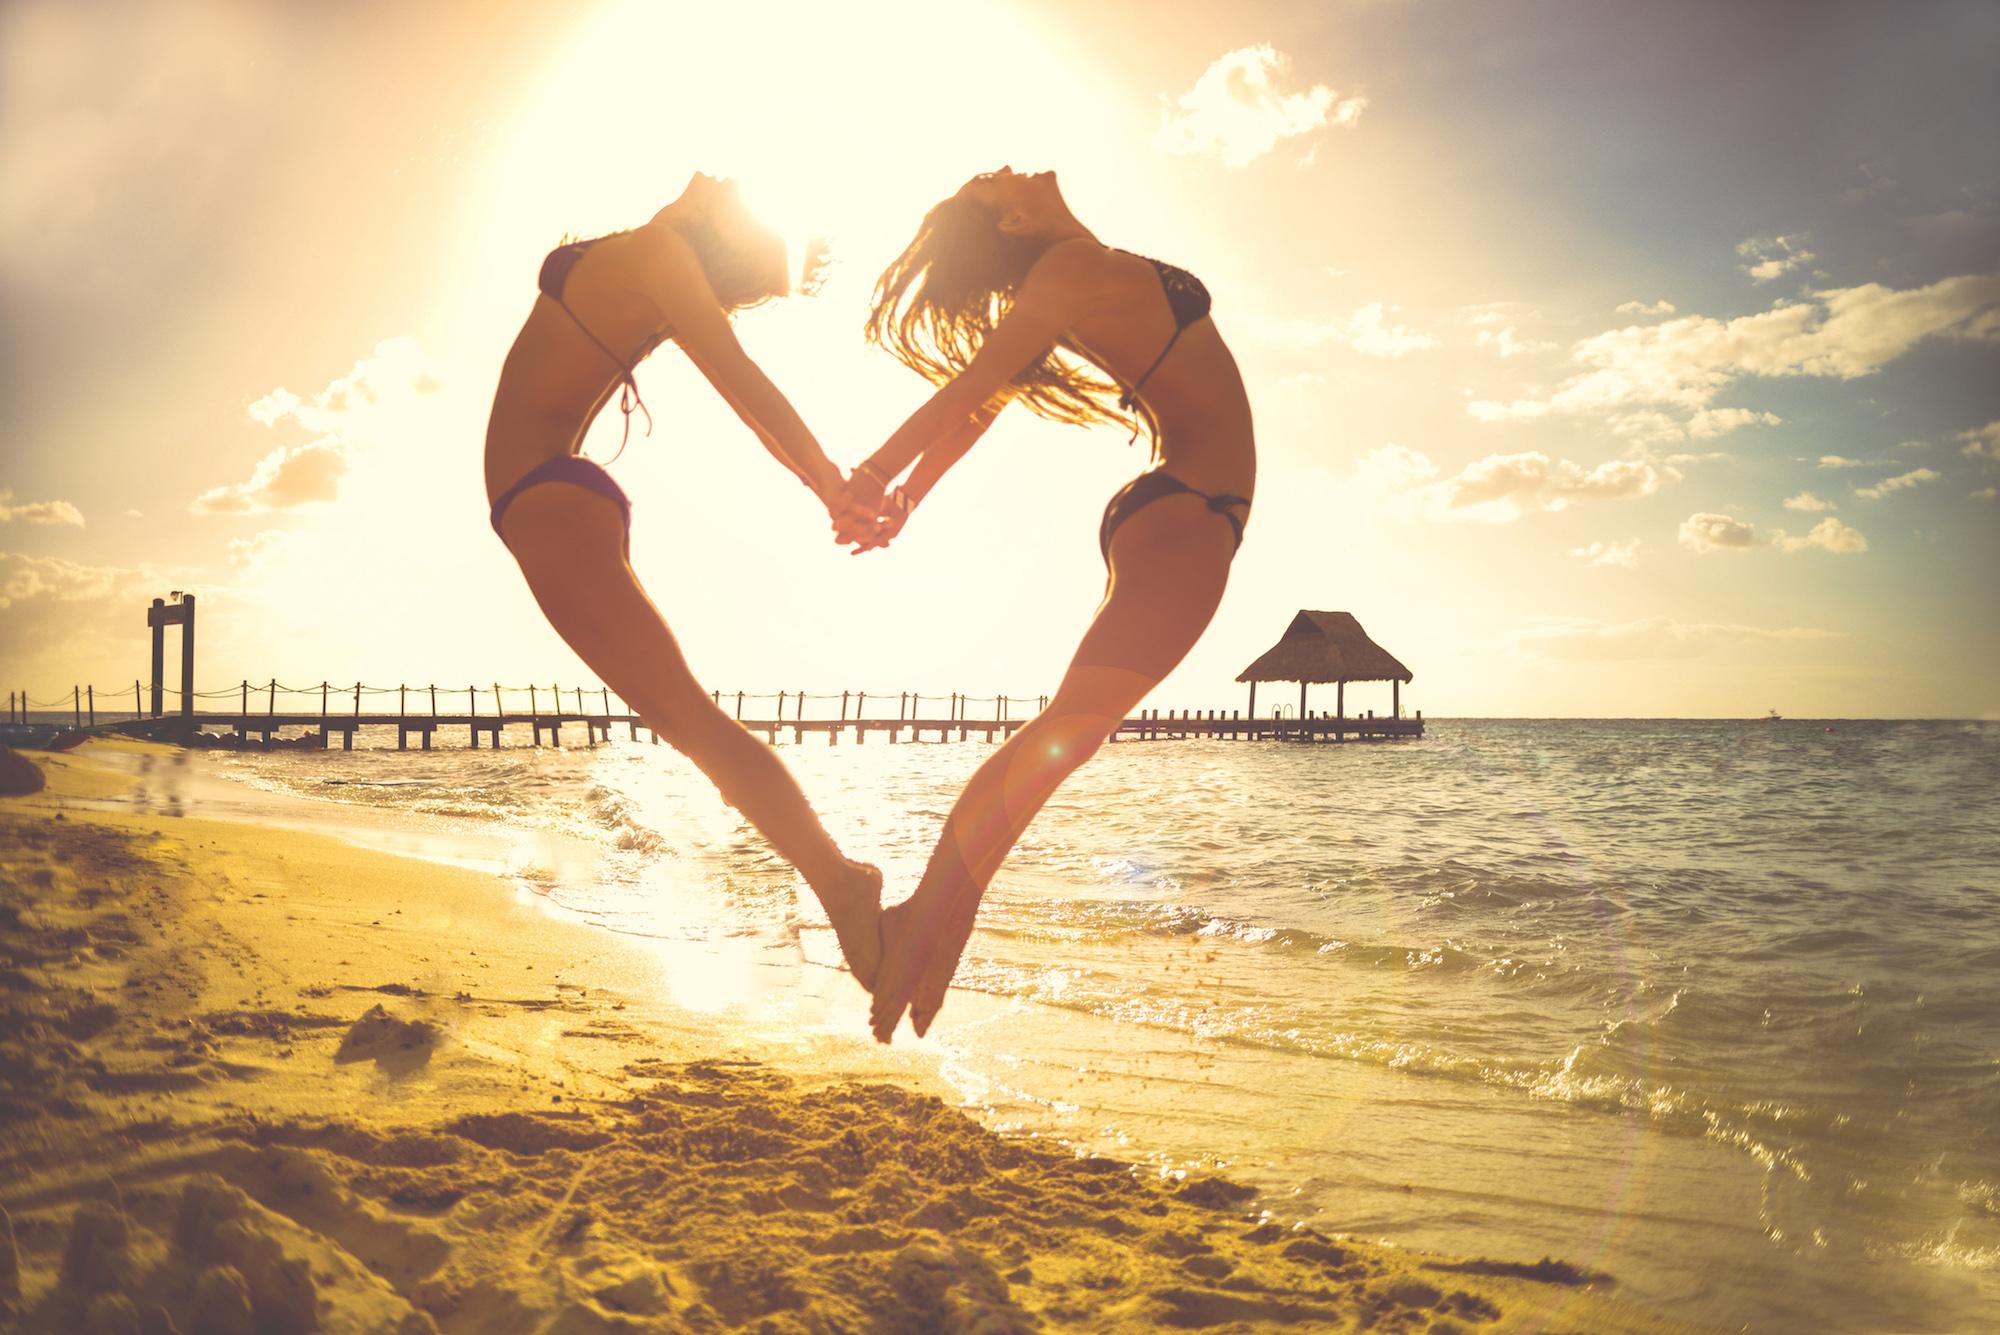 La risa es el lenguaje del alma y las vidas son paralelas